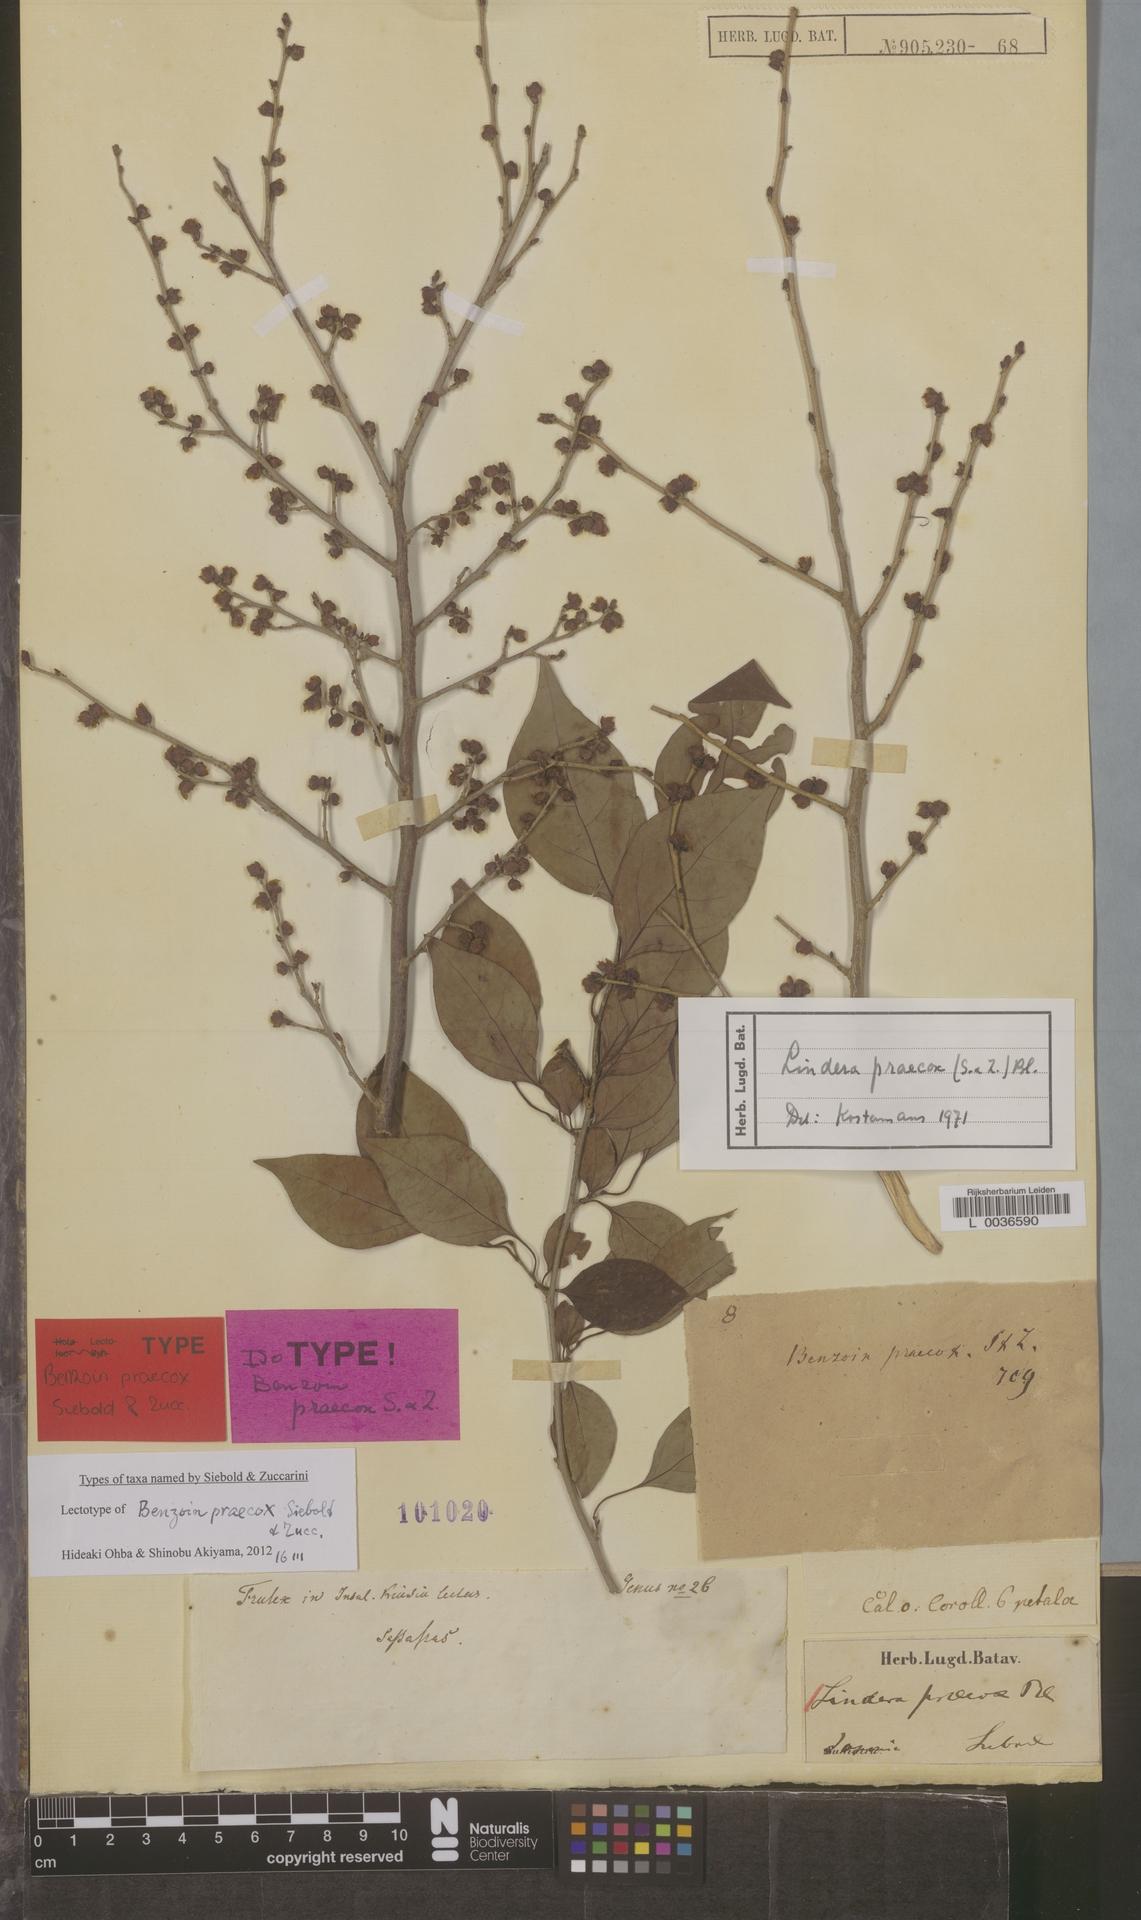 L  0036590 | Lindera praecox (Siebold & Zucc.) Blume